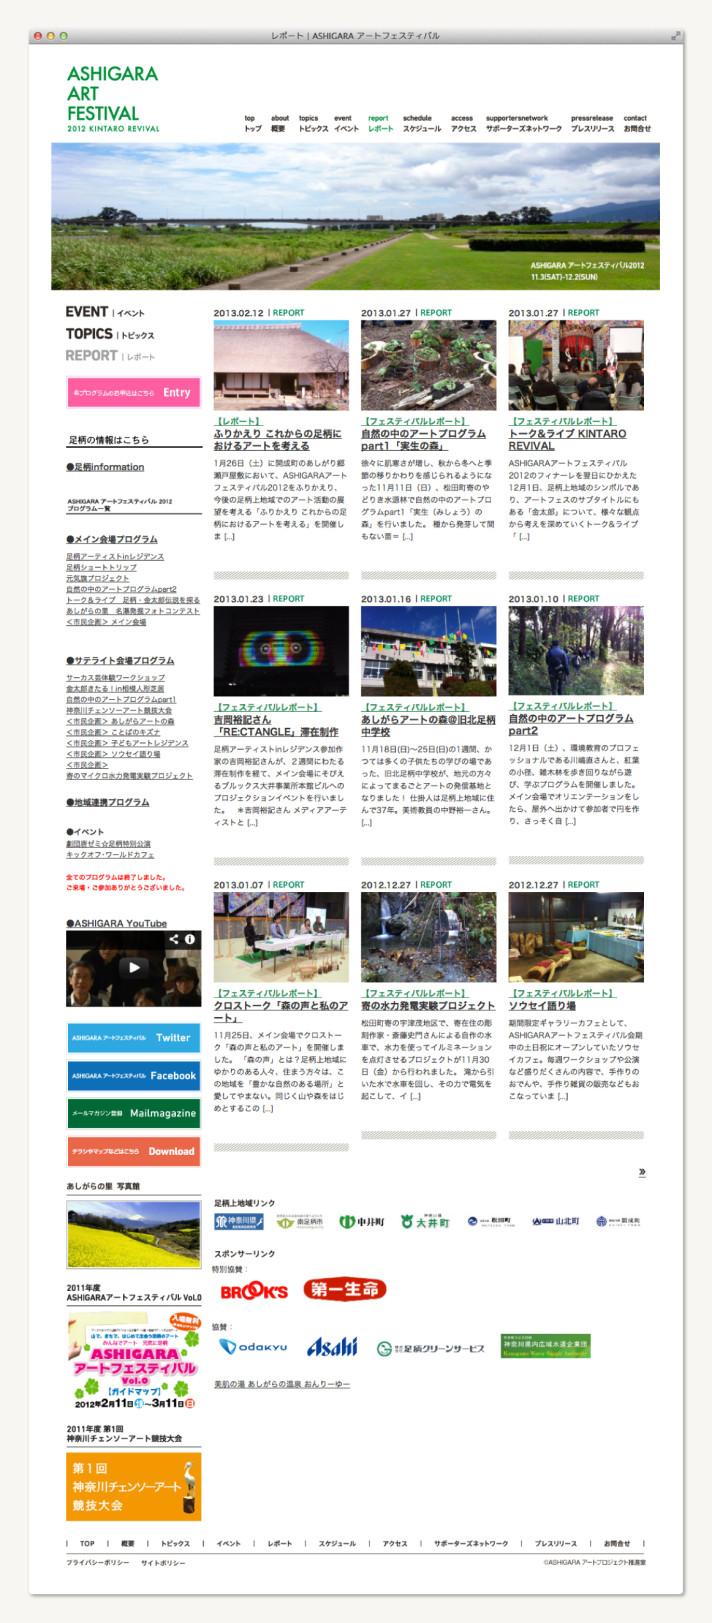 足柄アートフェスティバル2012 ウェブサイト〈ウェブデザイン ロゴデザイン〉